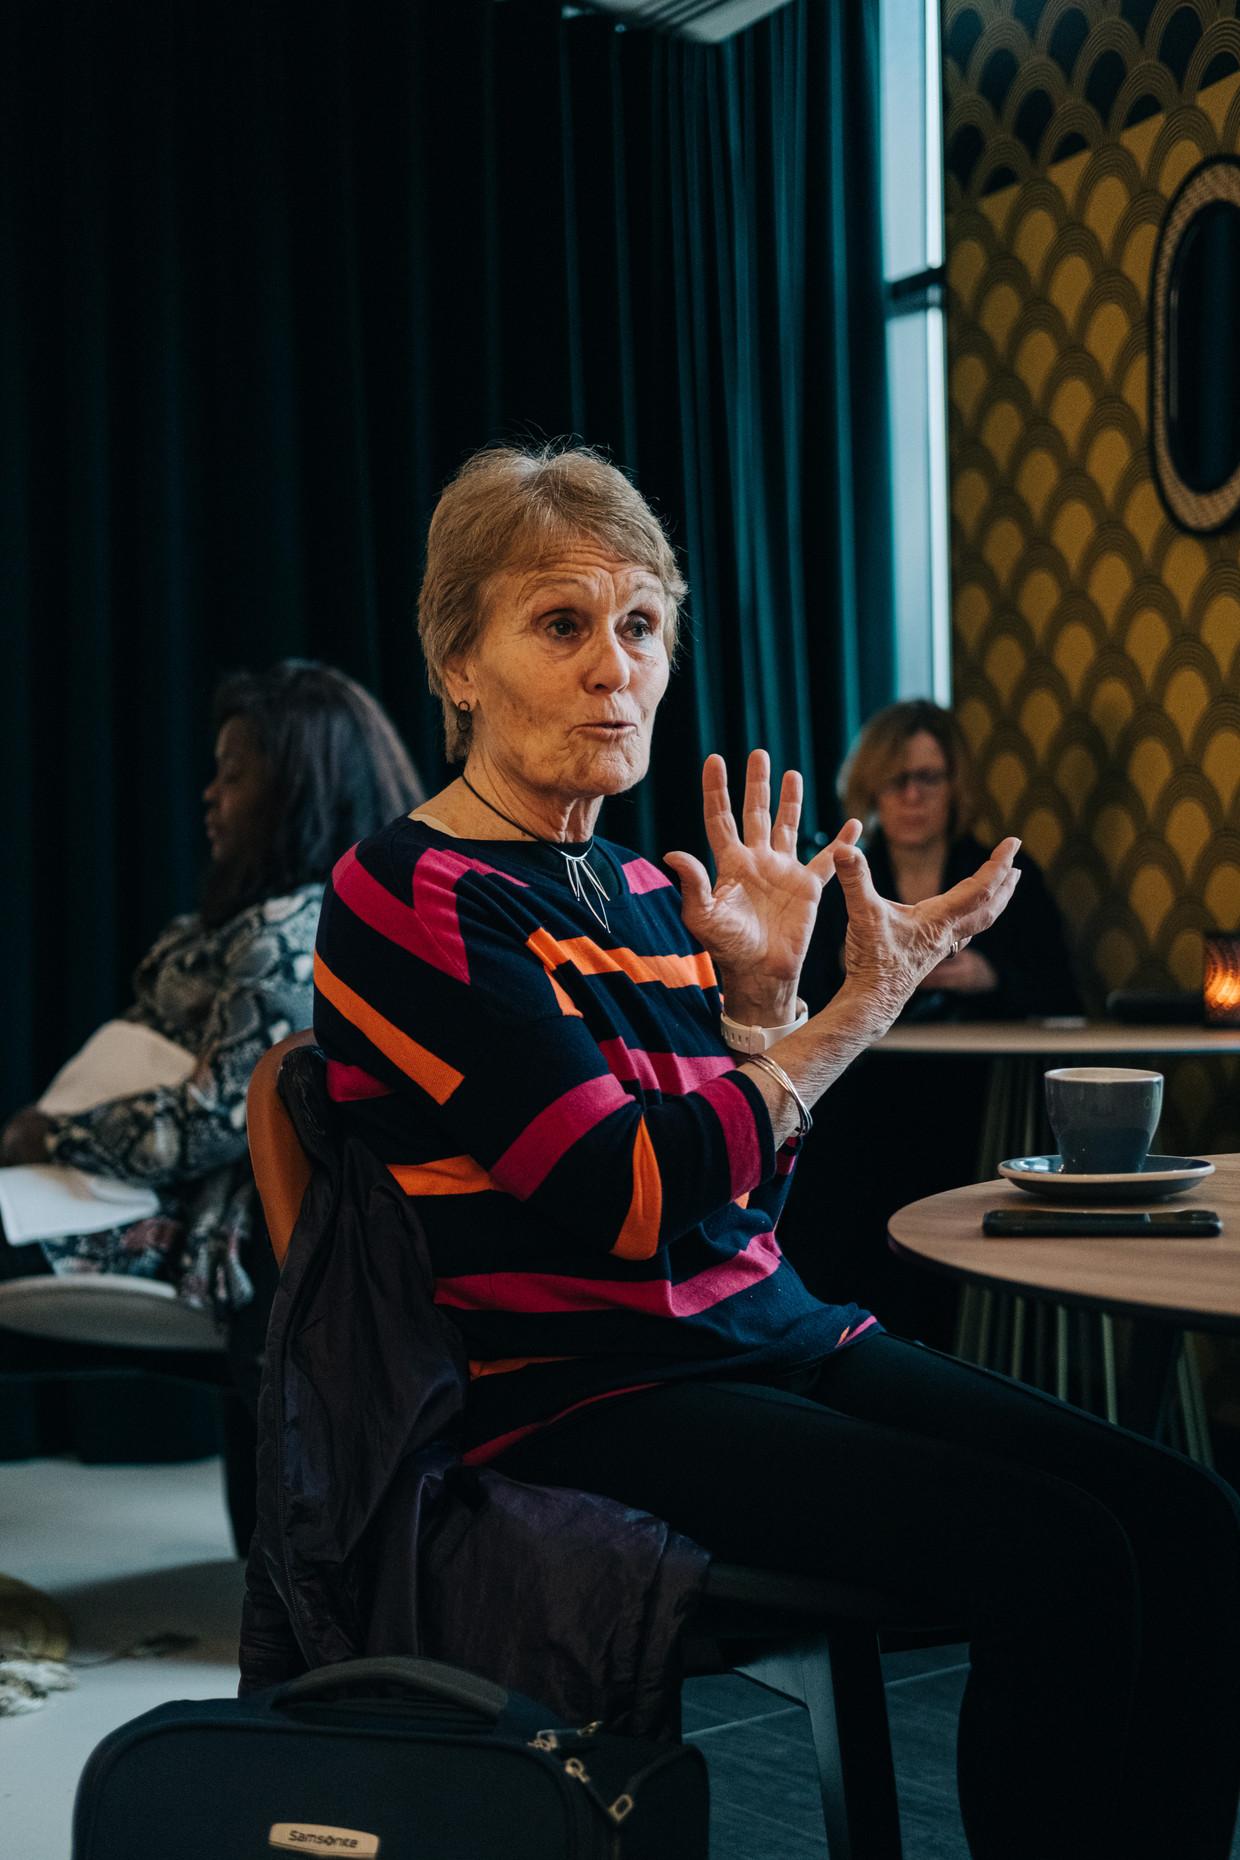 De Britse professor neurologie Gina Rippon was in Brussel om te spreken voor de Europese Commissie. Beeld Wouter Van Vooren